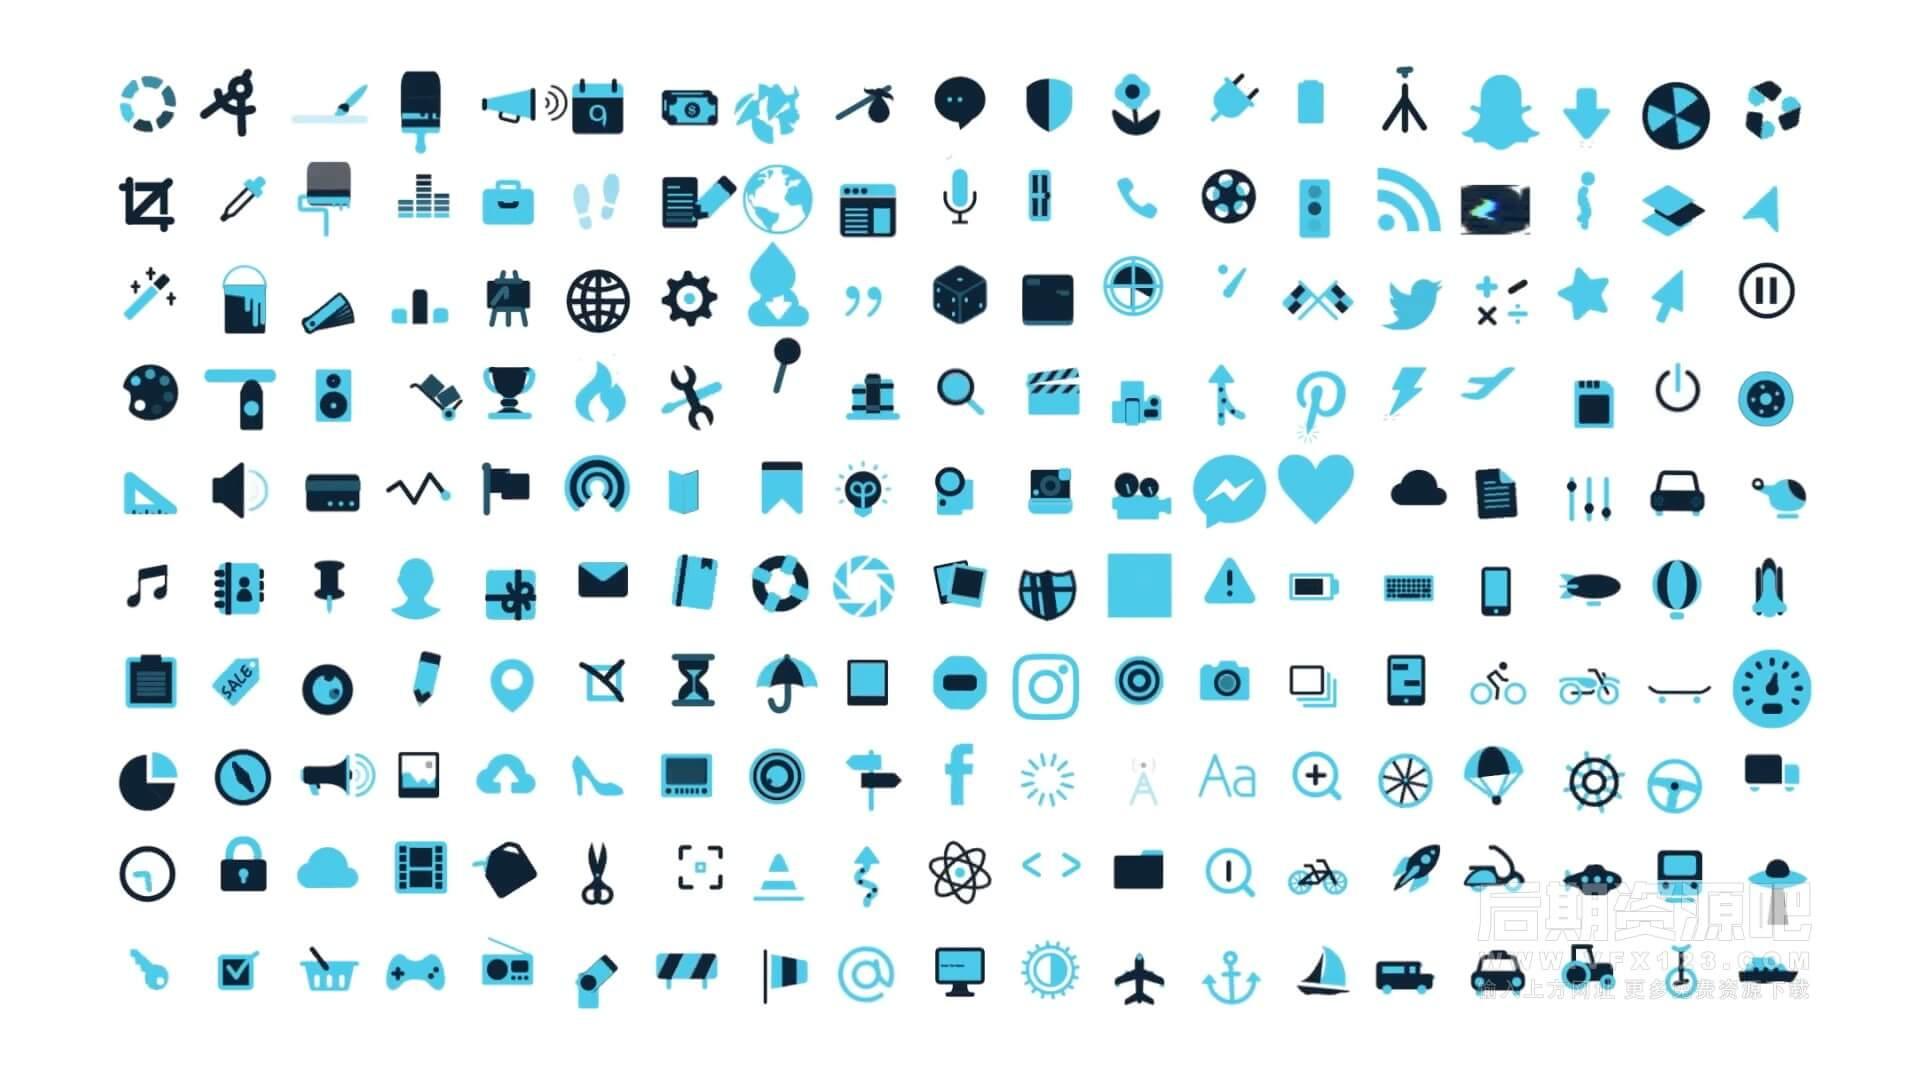 fcpx插件 193个符号图标动画元素包 可自动跟踪对象 Symbol Pop